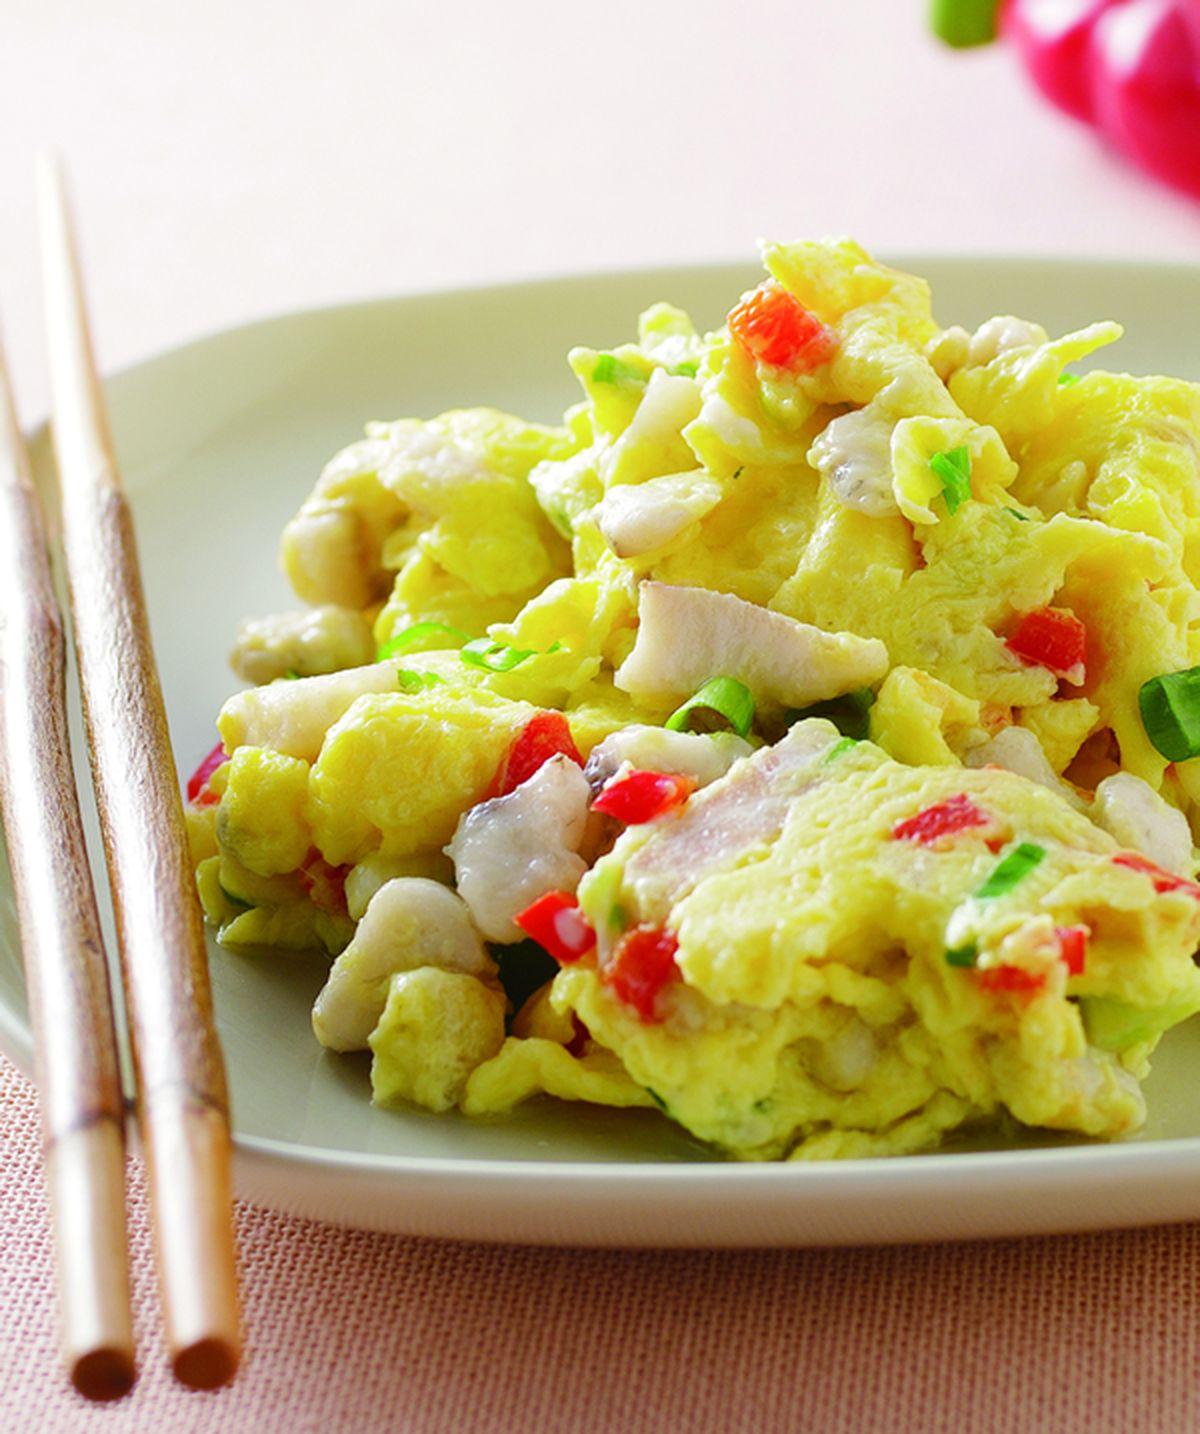 食譜:魚蓉炒蛋